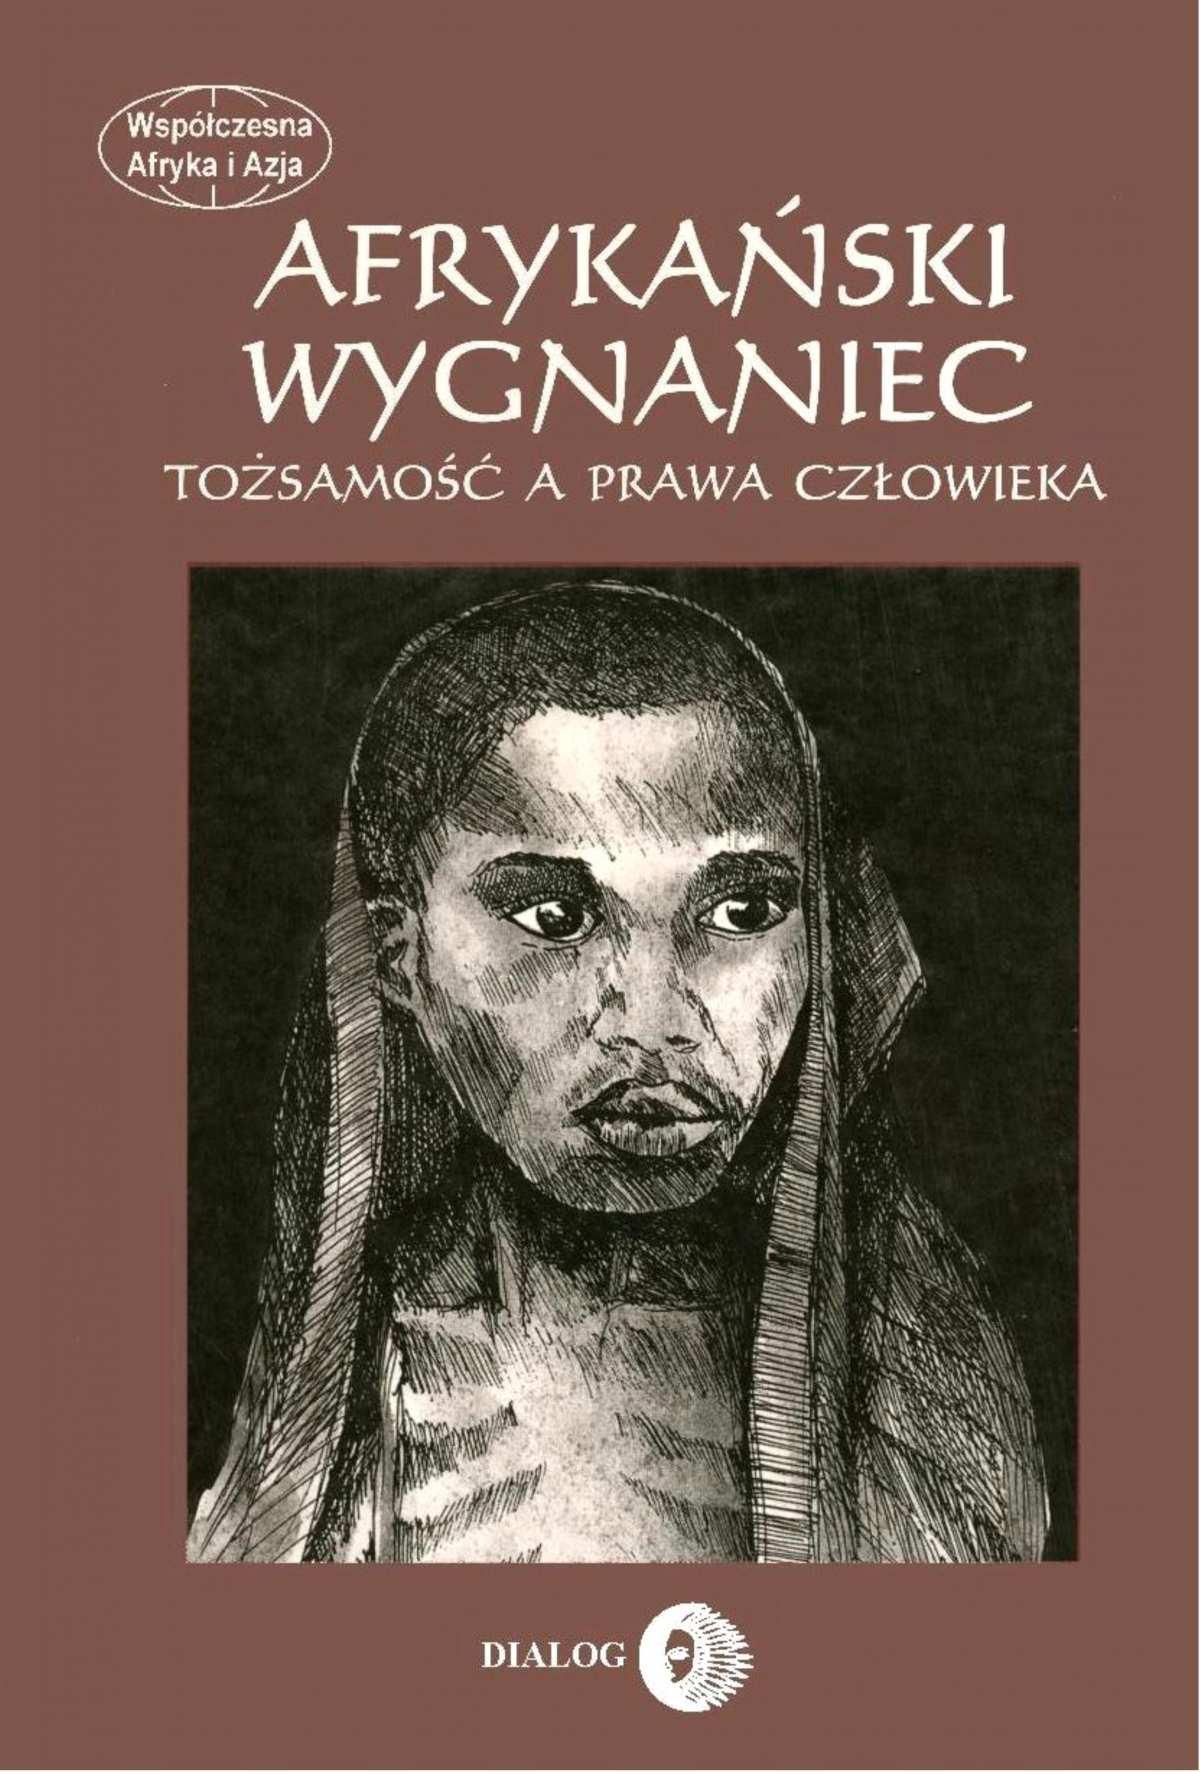 Afrykański wygnaniec. Tożsamość a prawa człowieka. - Ebook (Książka EPUB) do pobrania w formacie EPUB